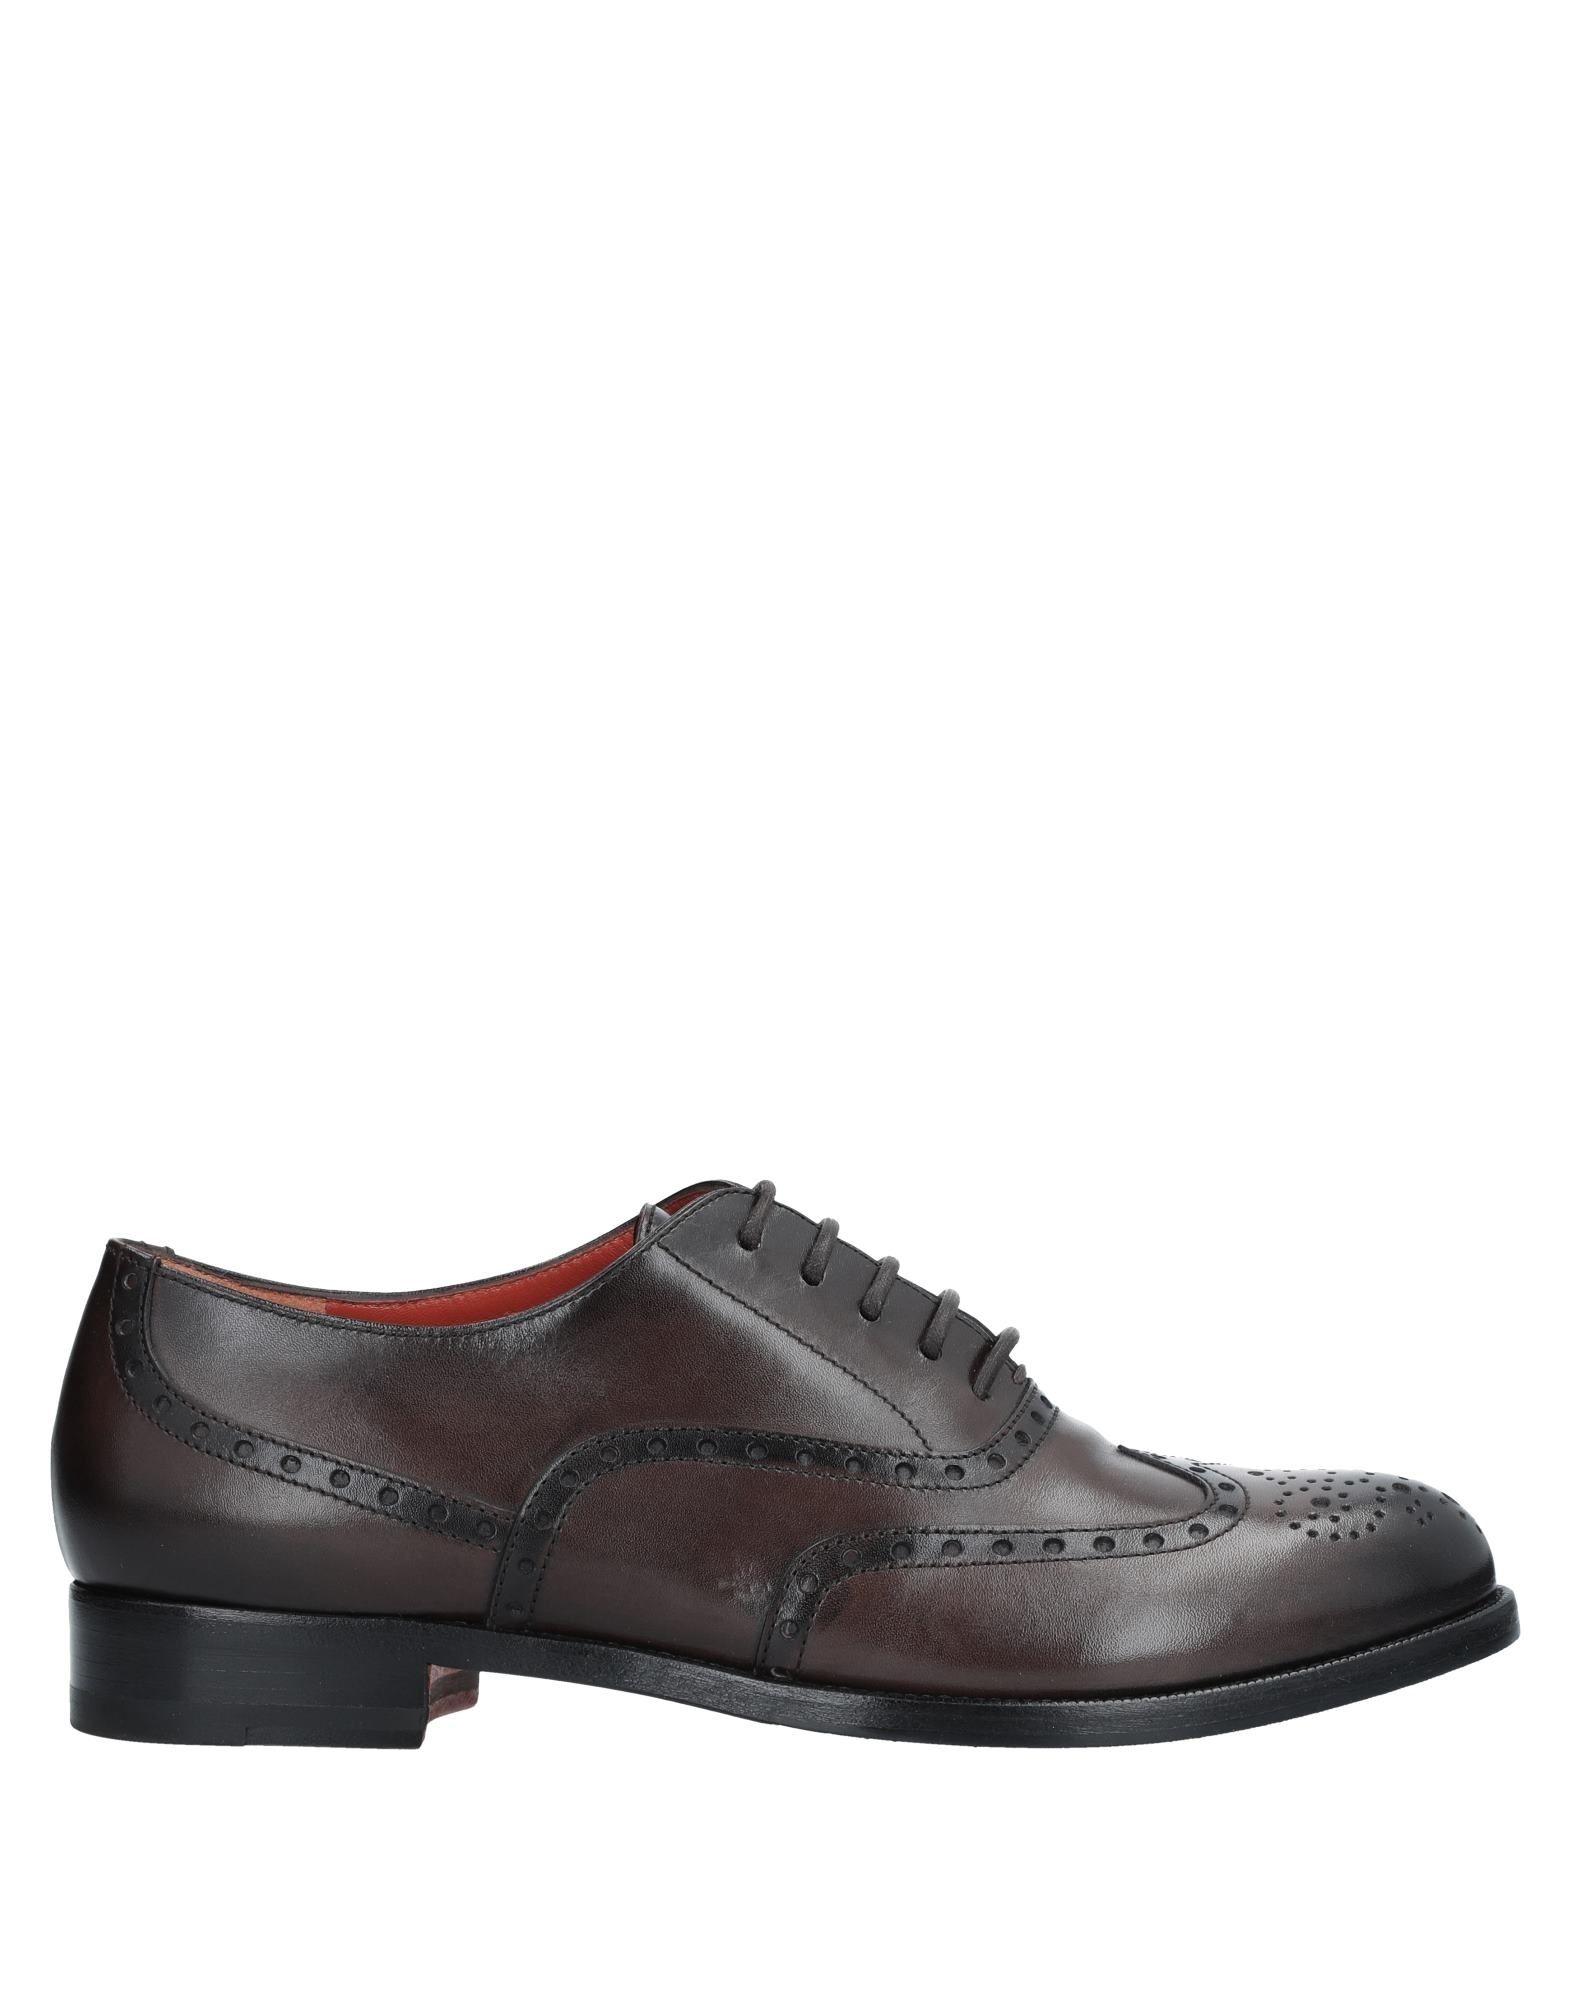 Santoni Schnürschuhe Damen  11539162DUGünstige gut aussehende Schuhe